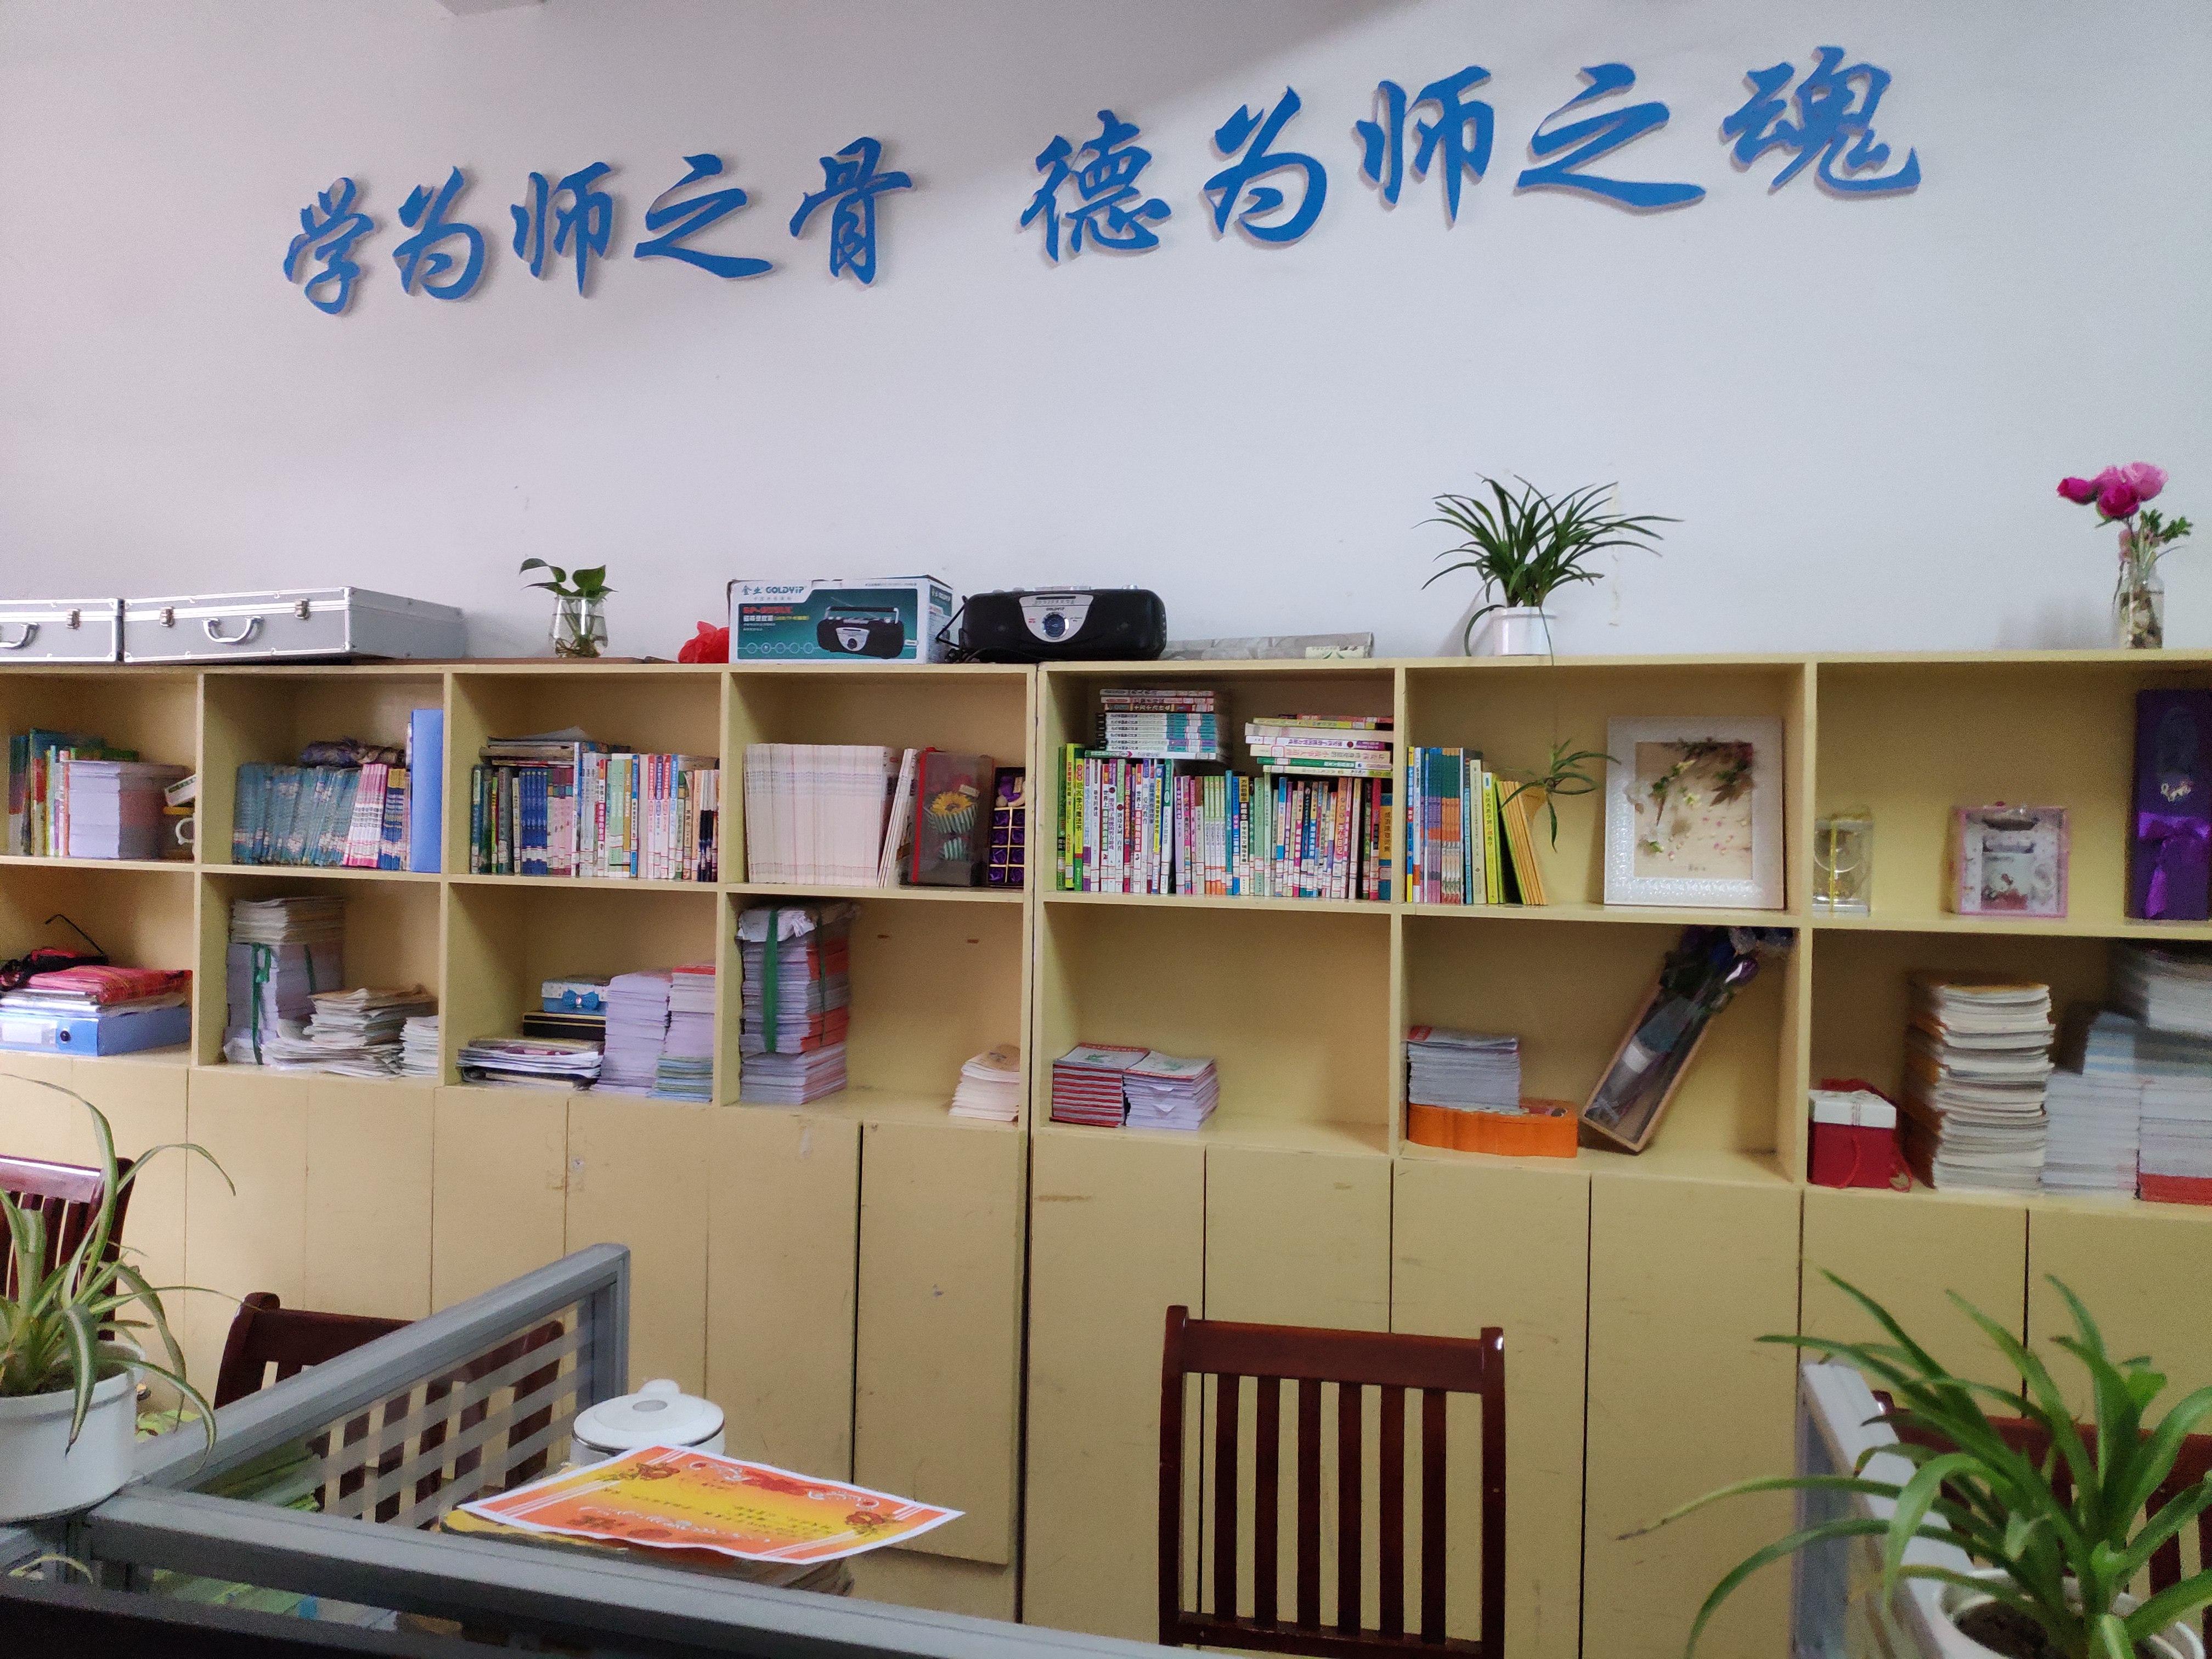 室不陋  德亦馨  ——上饶县第一小学开展最美办公室评比活动